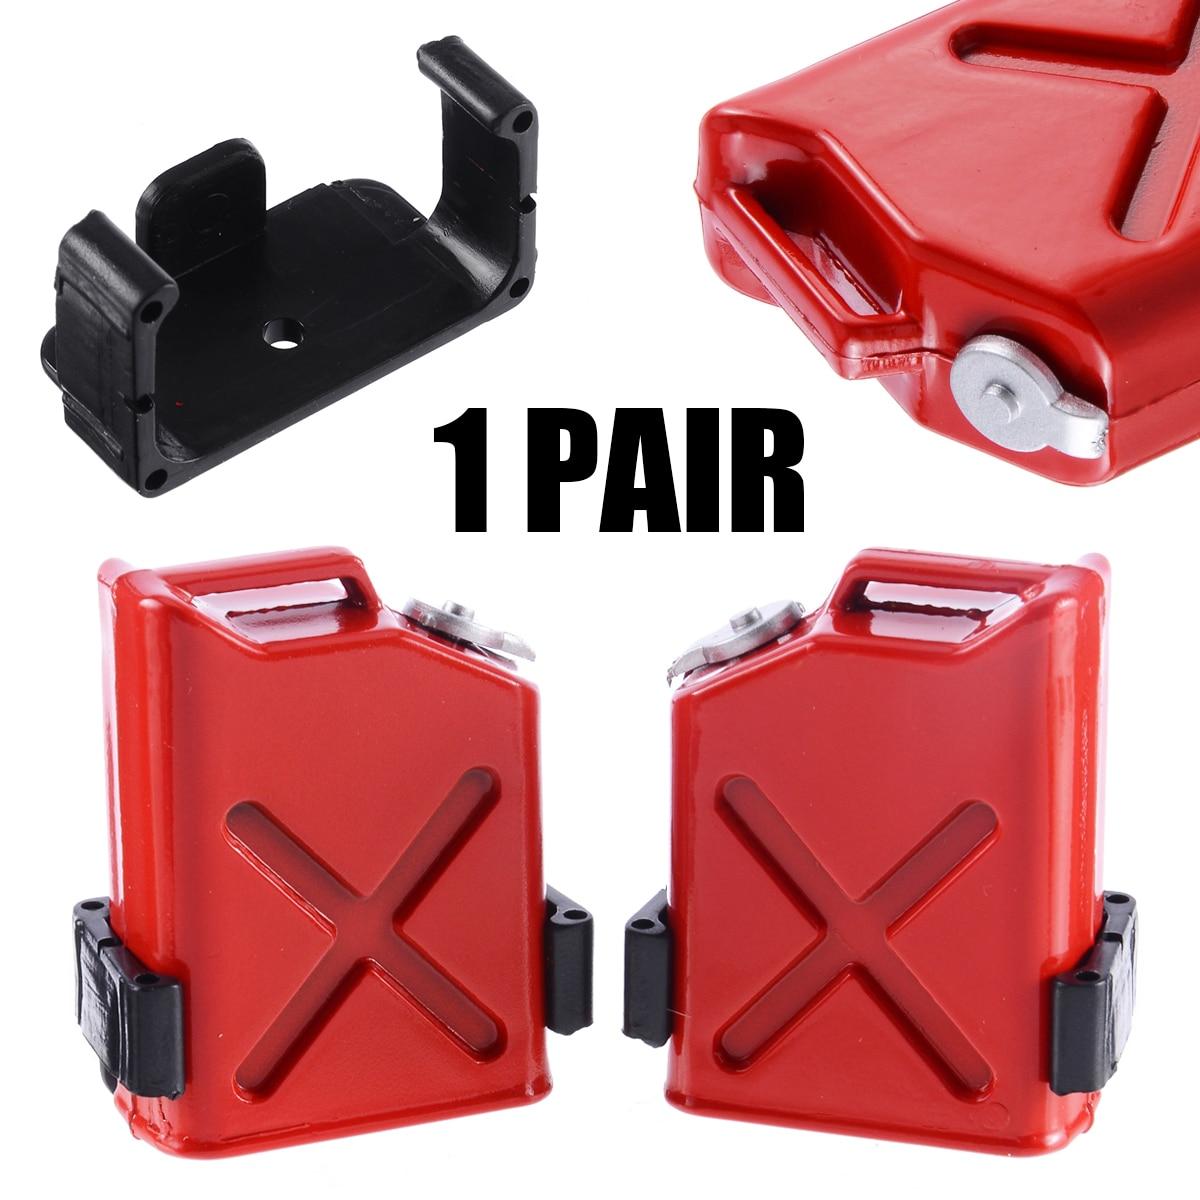 1 пара, весы 1:10 RC Rock Crawler, автомобильные аксессуары для автомобилей, красные газовые банки с кронштейнами, пластиковые декоративные детали для самостоятельного моделирования